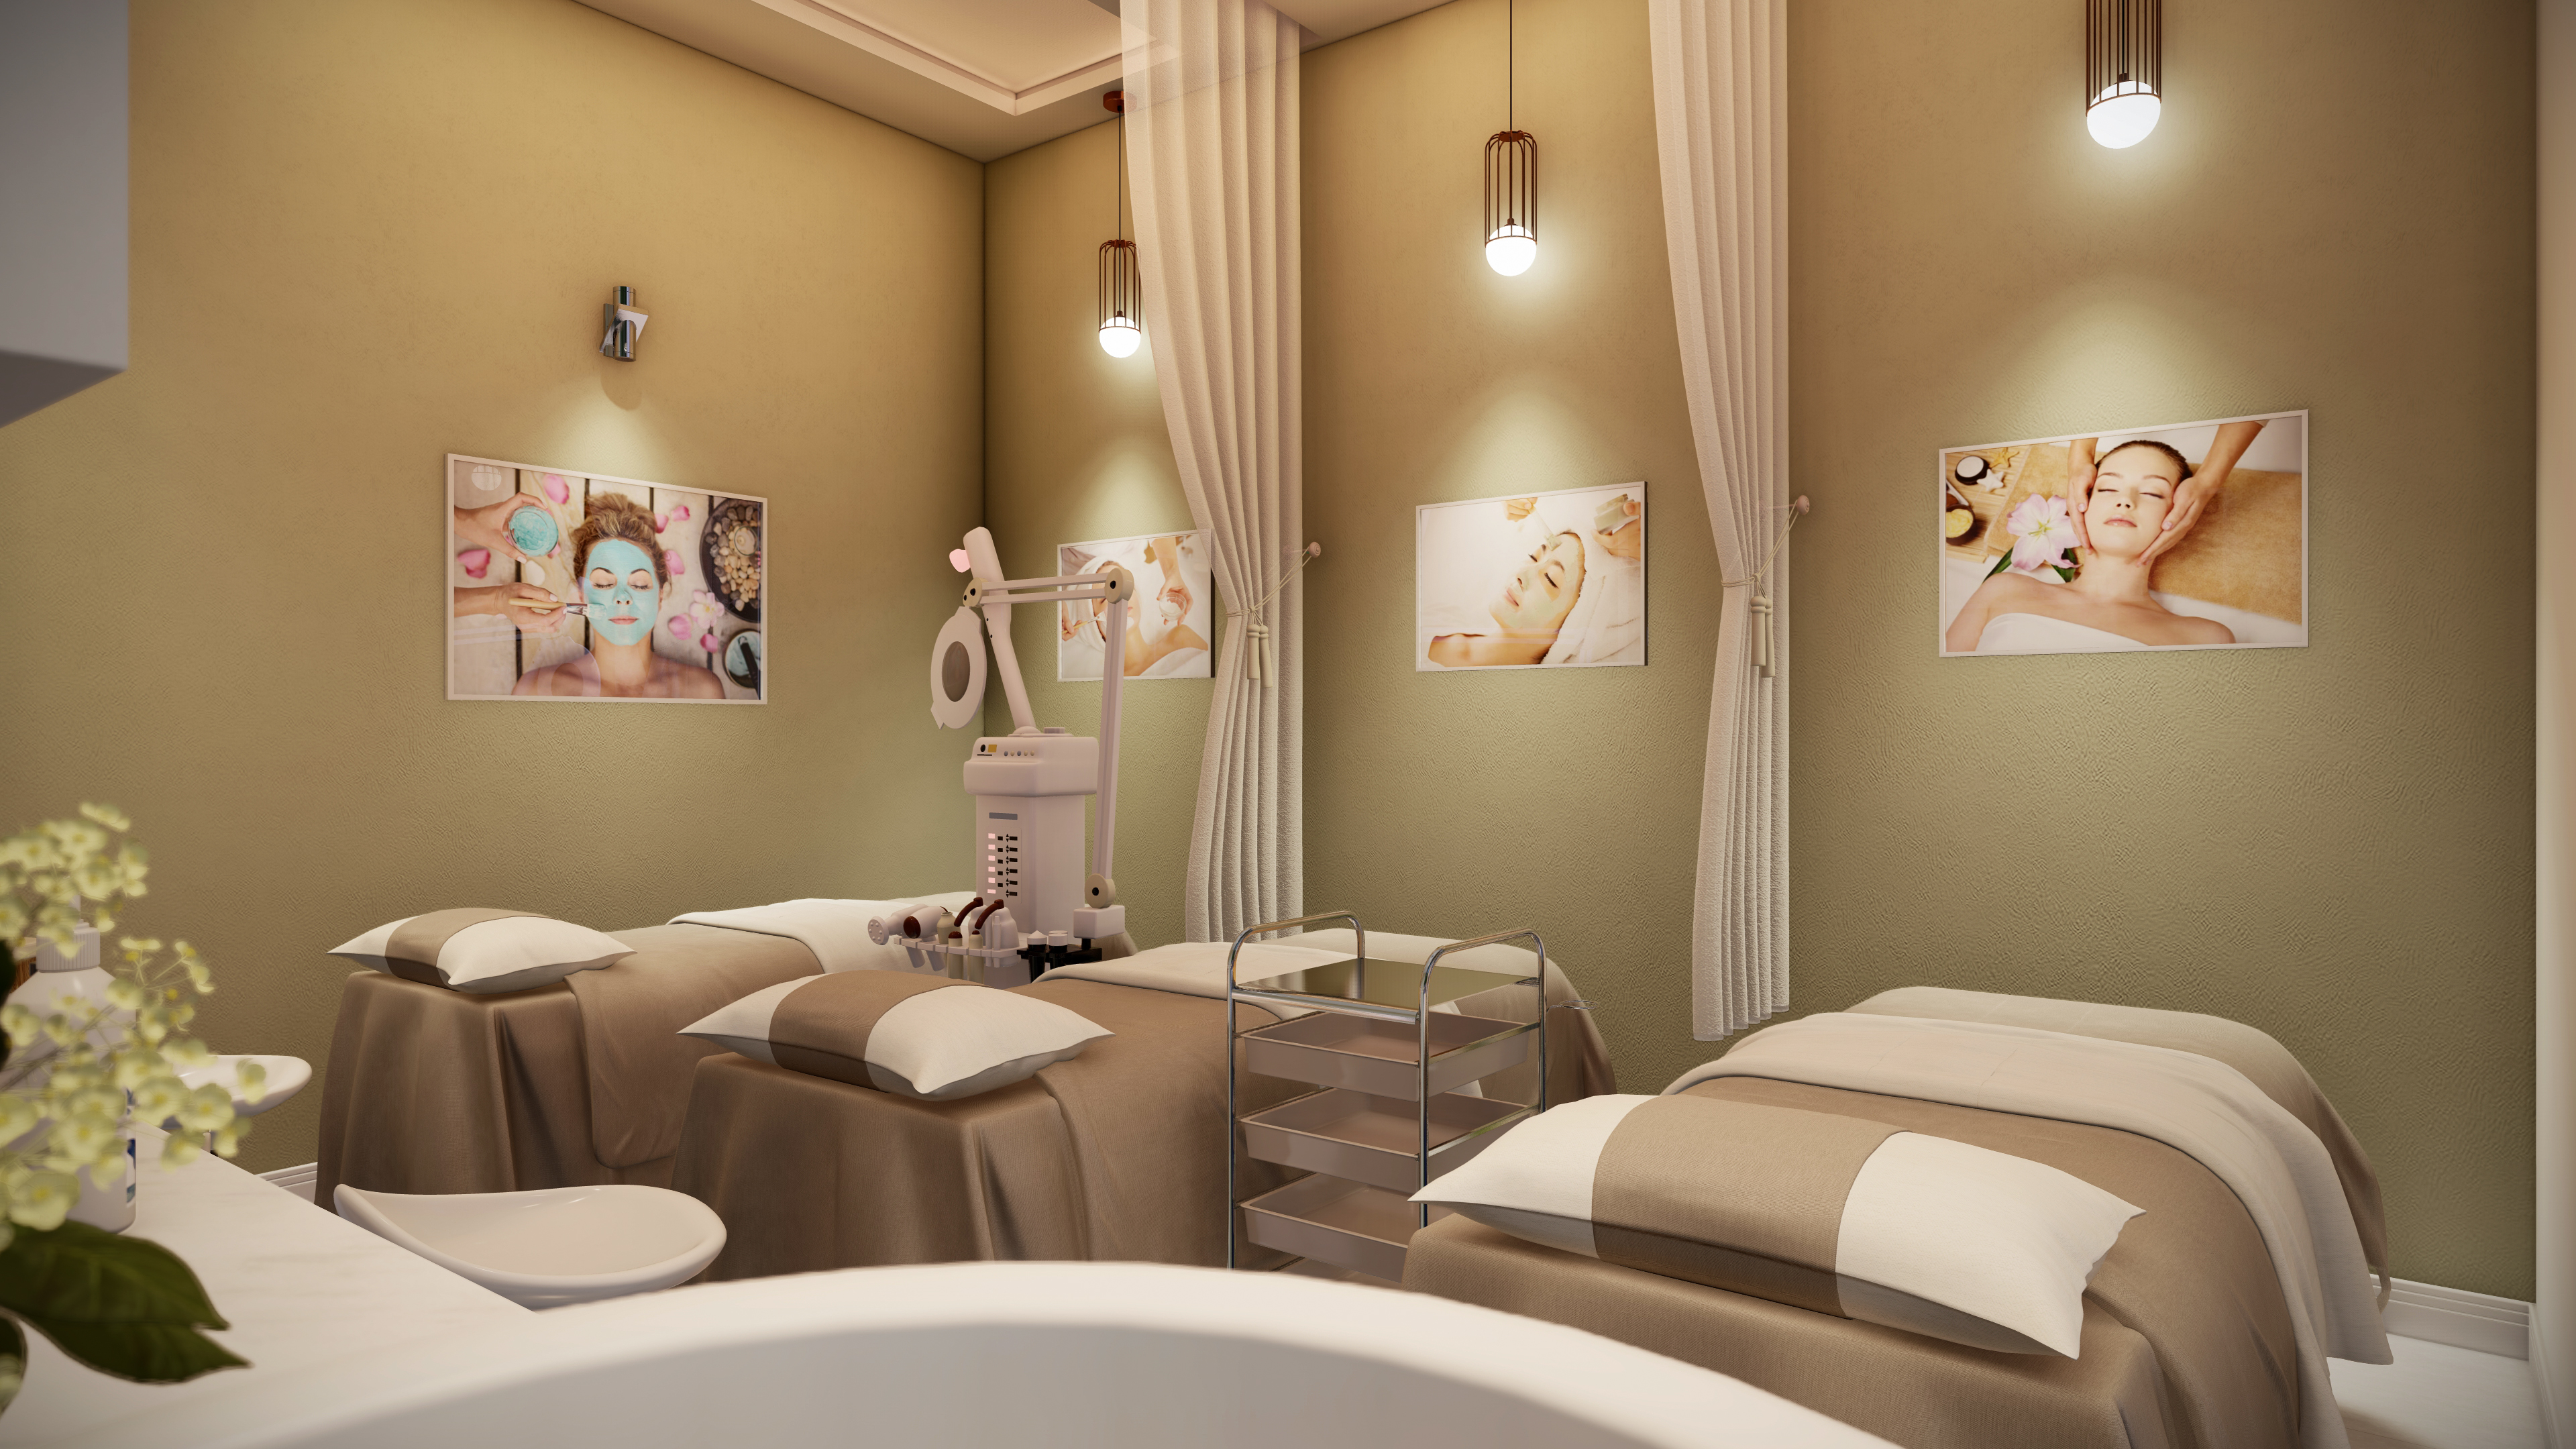 Thiết kế nội thất Spa tại Hồ Chí Minh HCM.MRGIANG-SHOP&SPA 1590203838 12